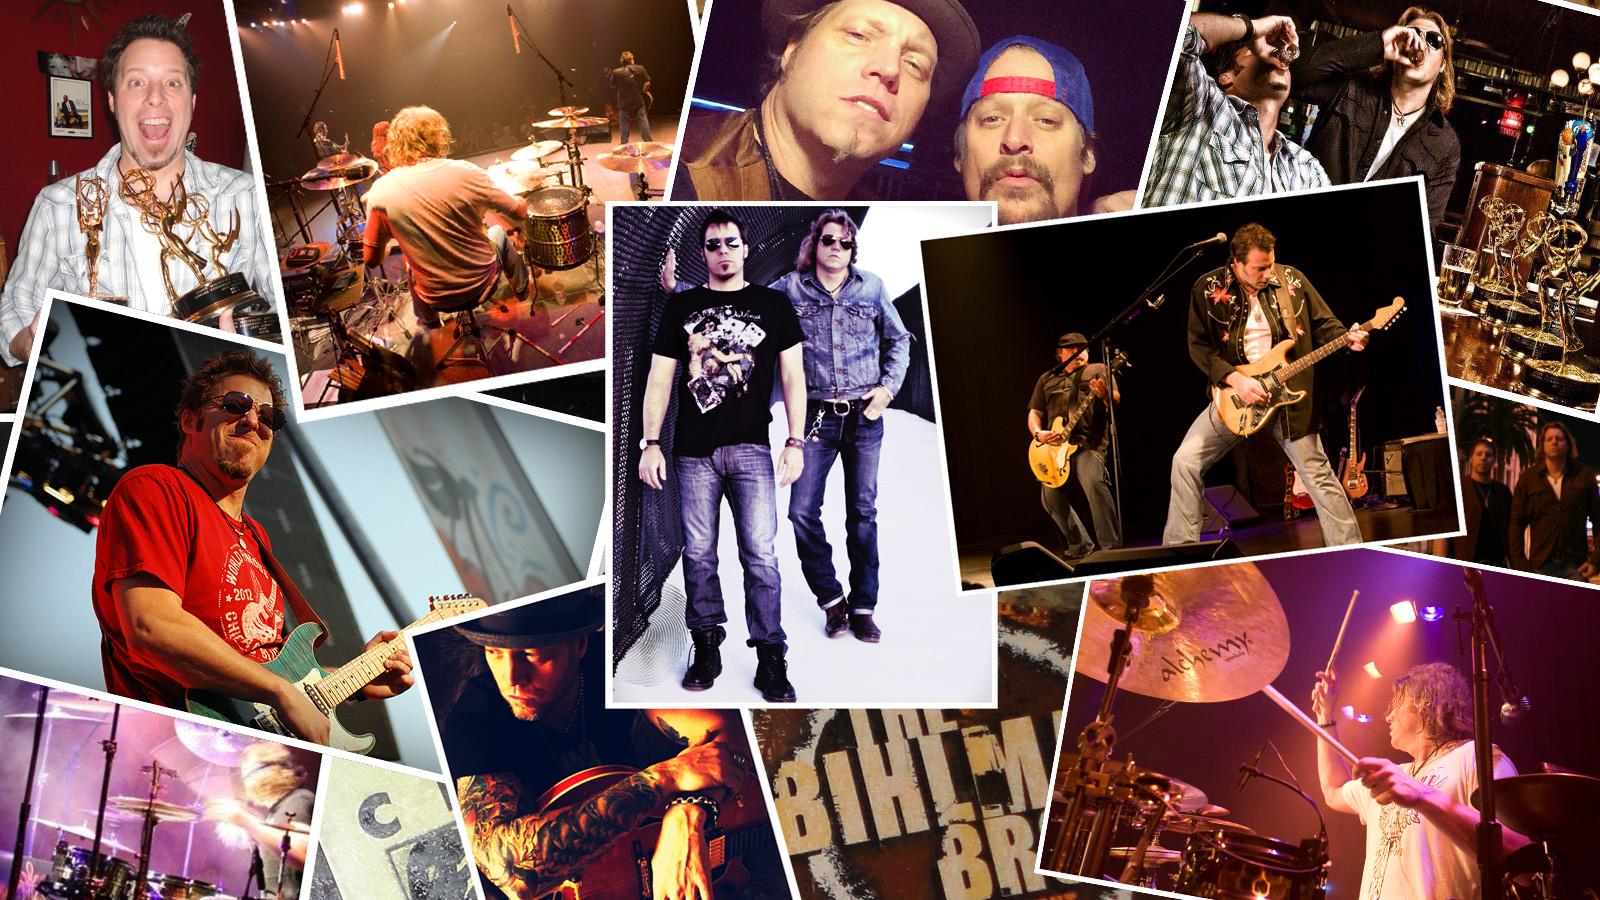 bihlman bros collage